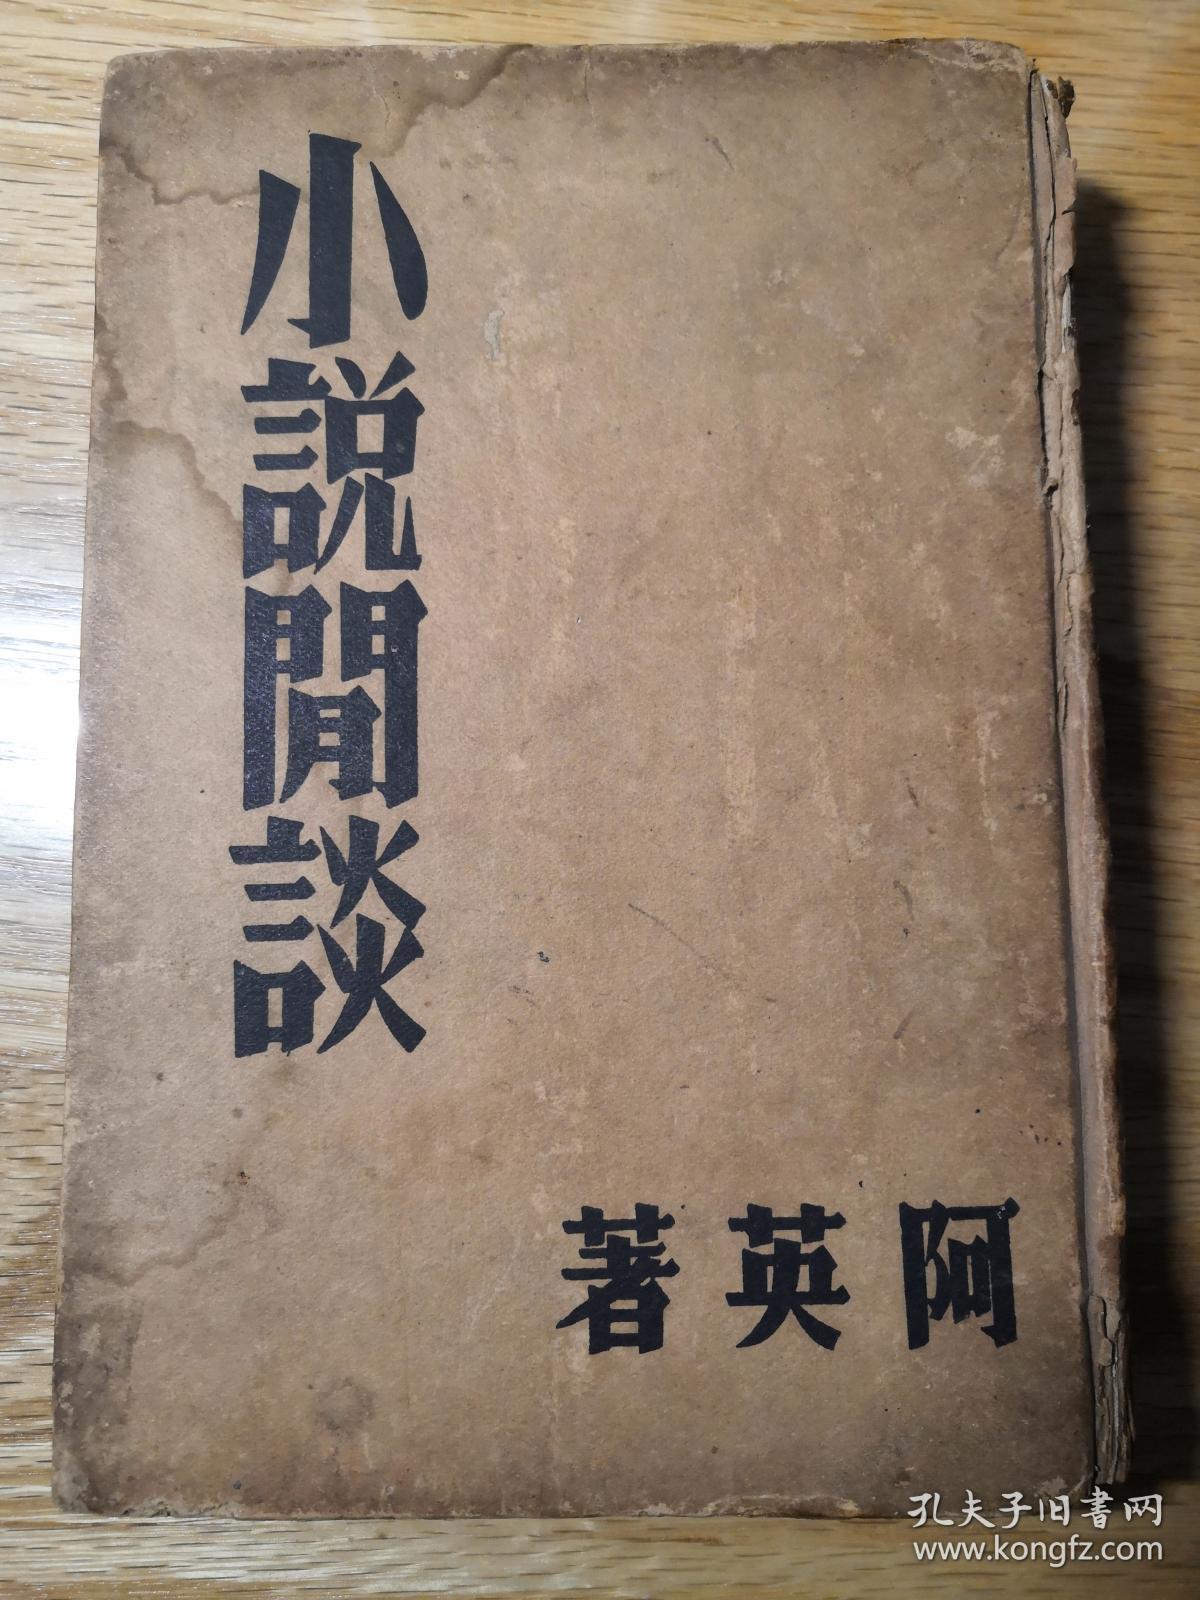 民国新文学 阿英(钱杏邨)  小说闲谈  上海良友图书印刷公司1936年初版